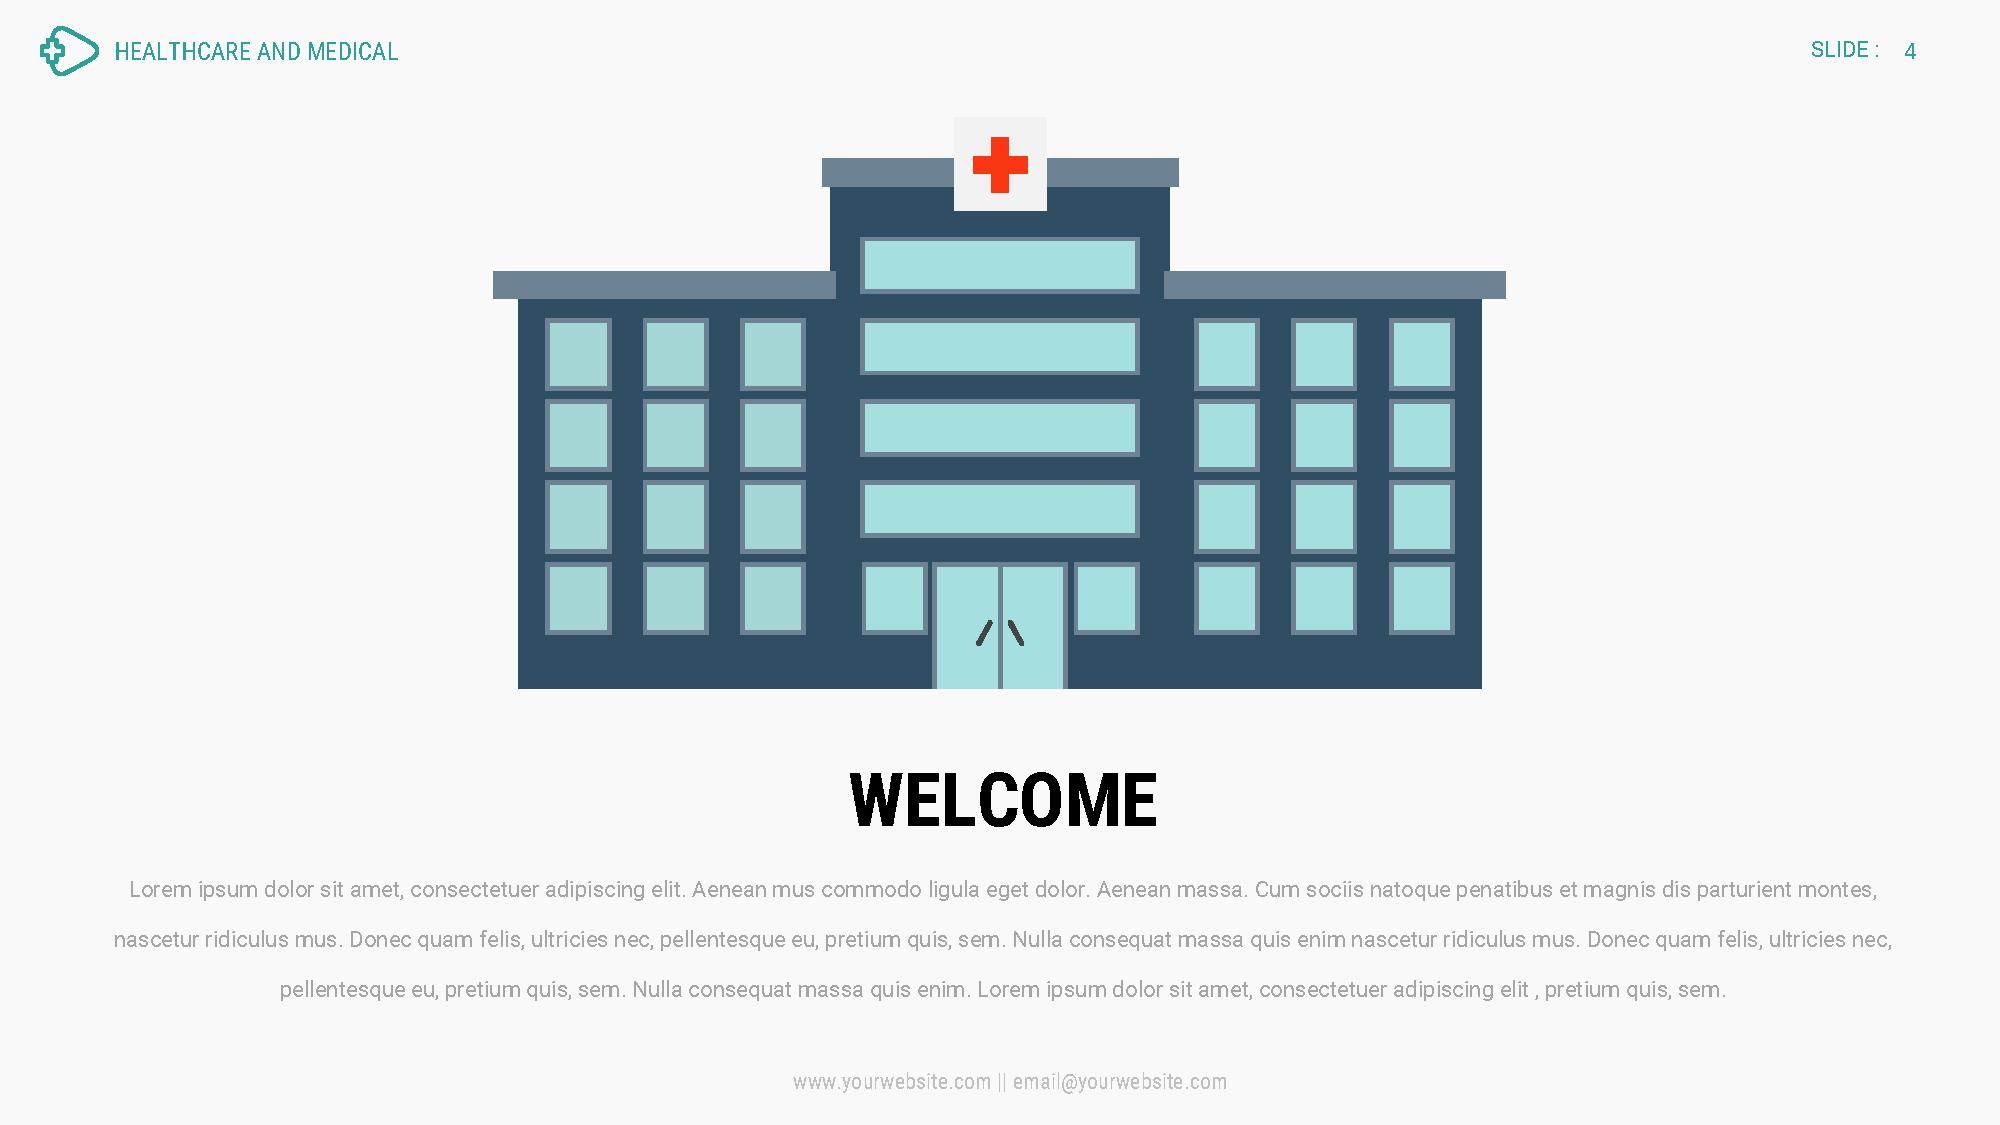 healthcare and medical 2 - google slides presentation template, Presentation templates